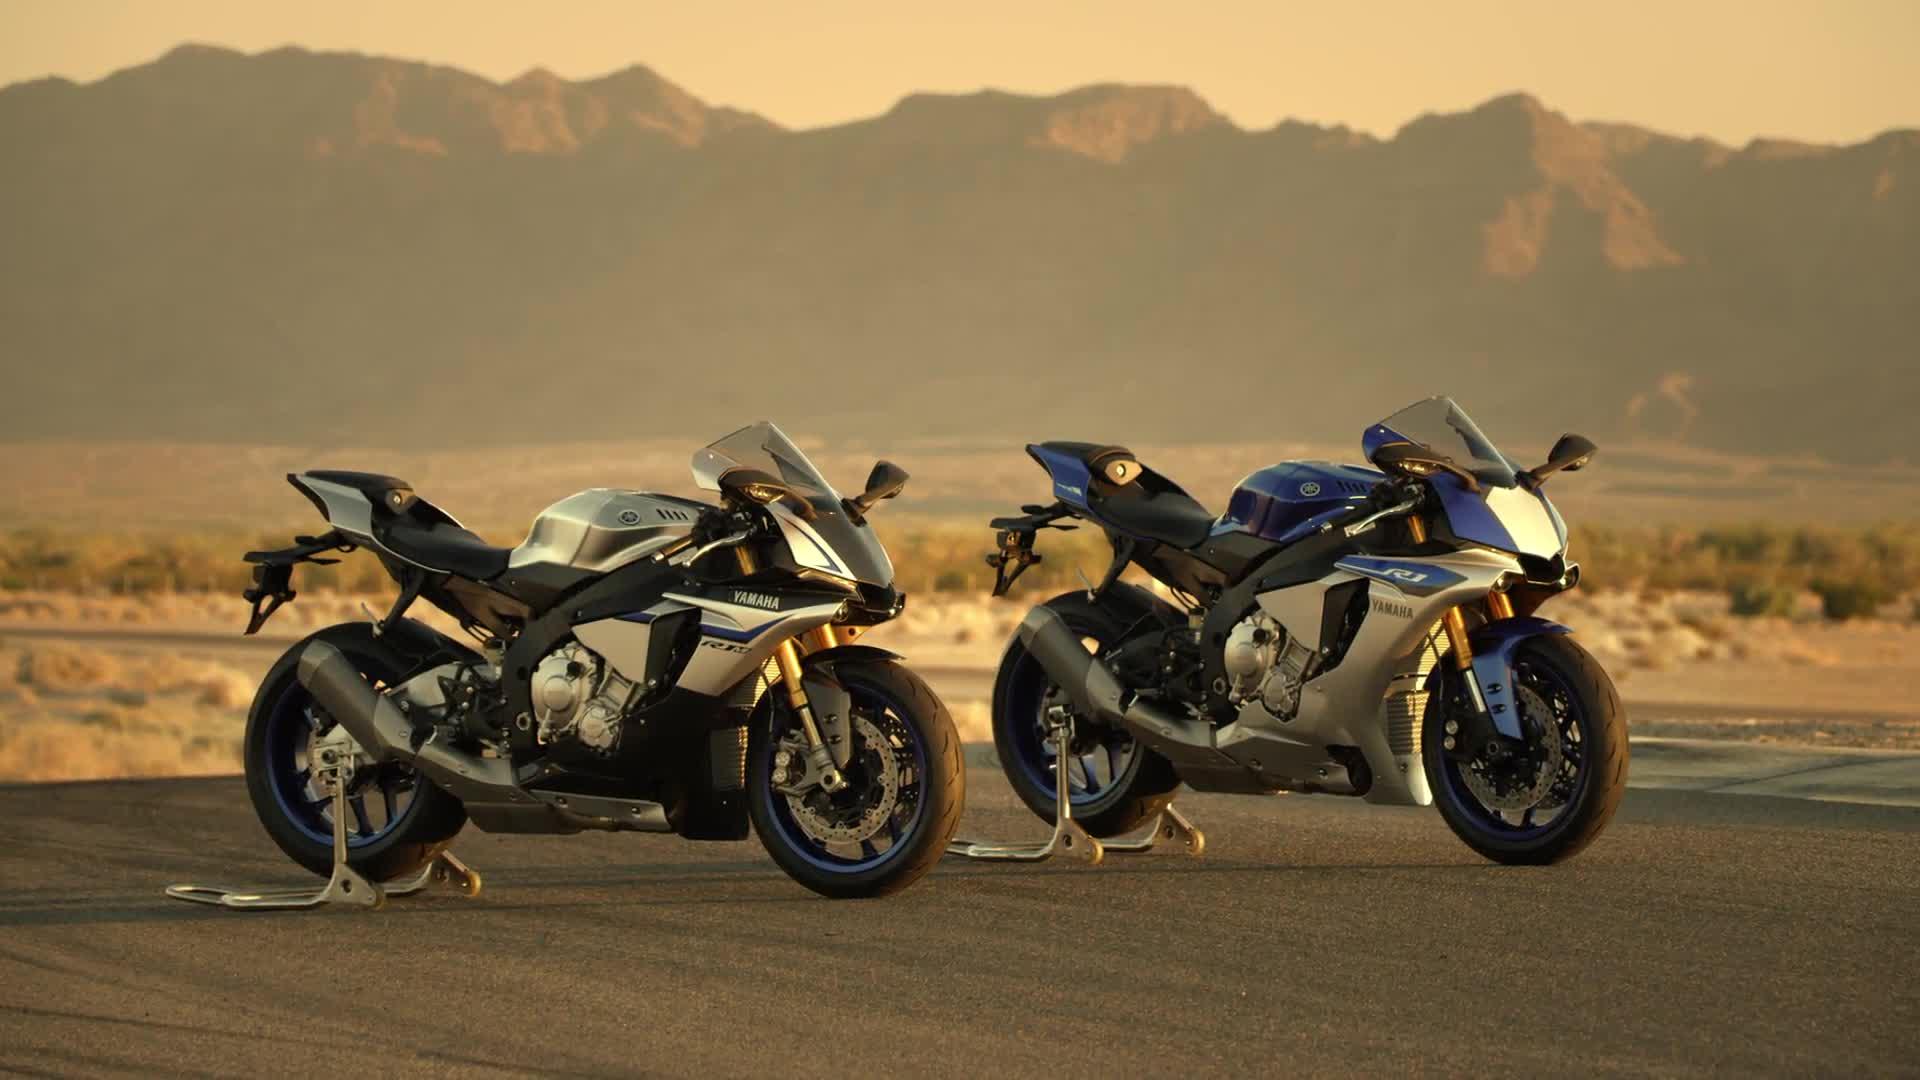 Resmi Dijual Tahun Depan, Segini Harga Yamaha YZF-R1 dan R1M